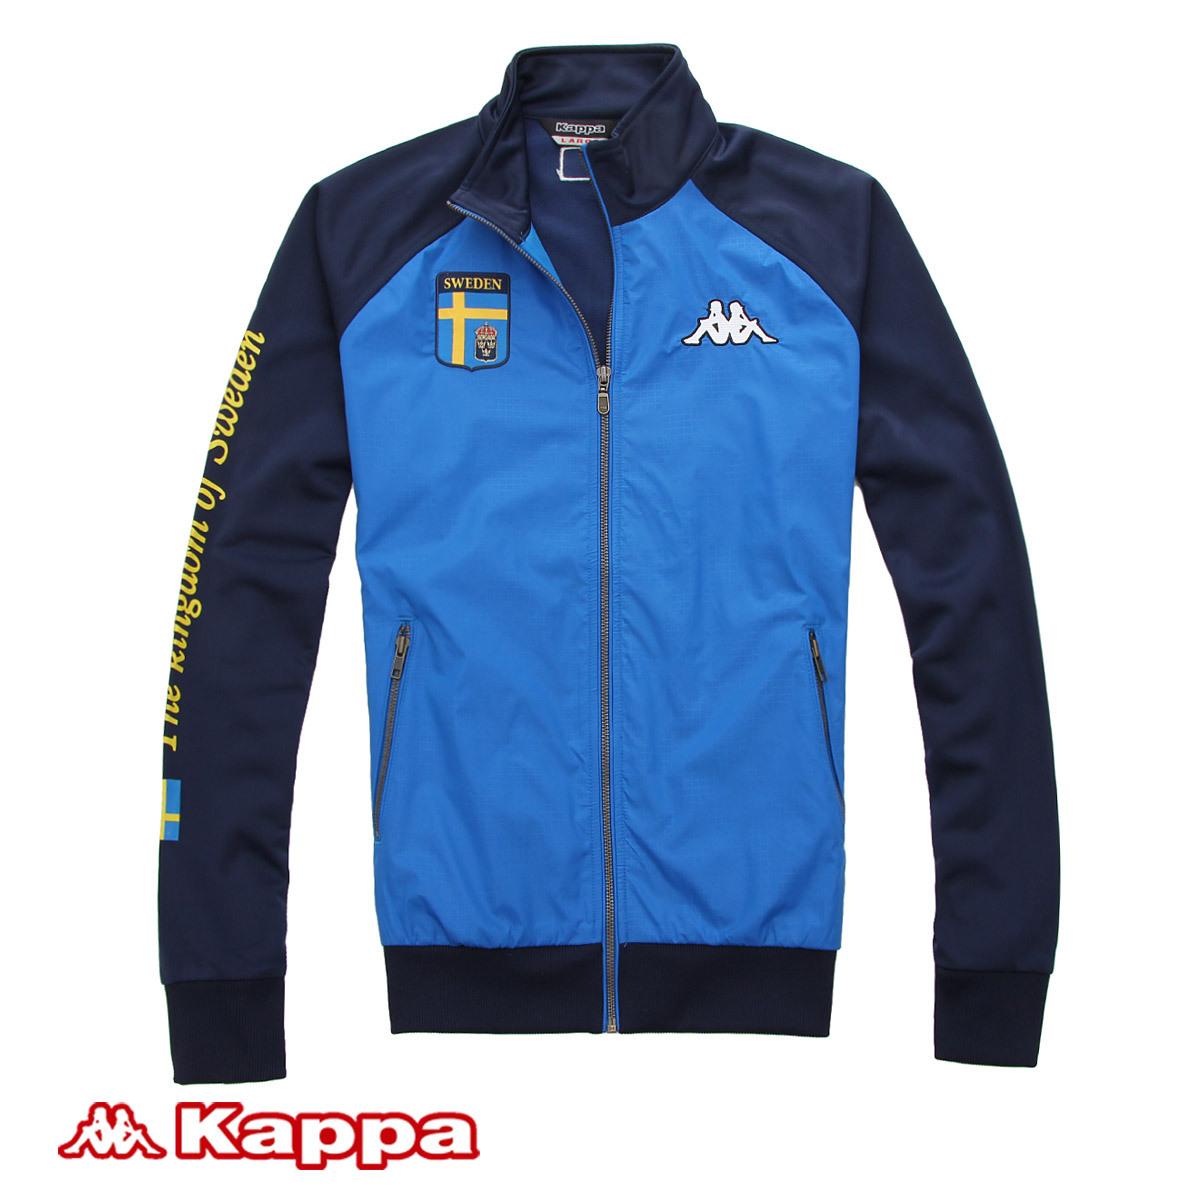 Спортивная толстовка Kappa k2093wk119/882 K2093WK119-882 Для мужчин Кардиган Разное Для спорта и отдыха Осень 2010